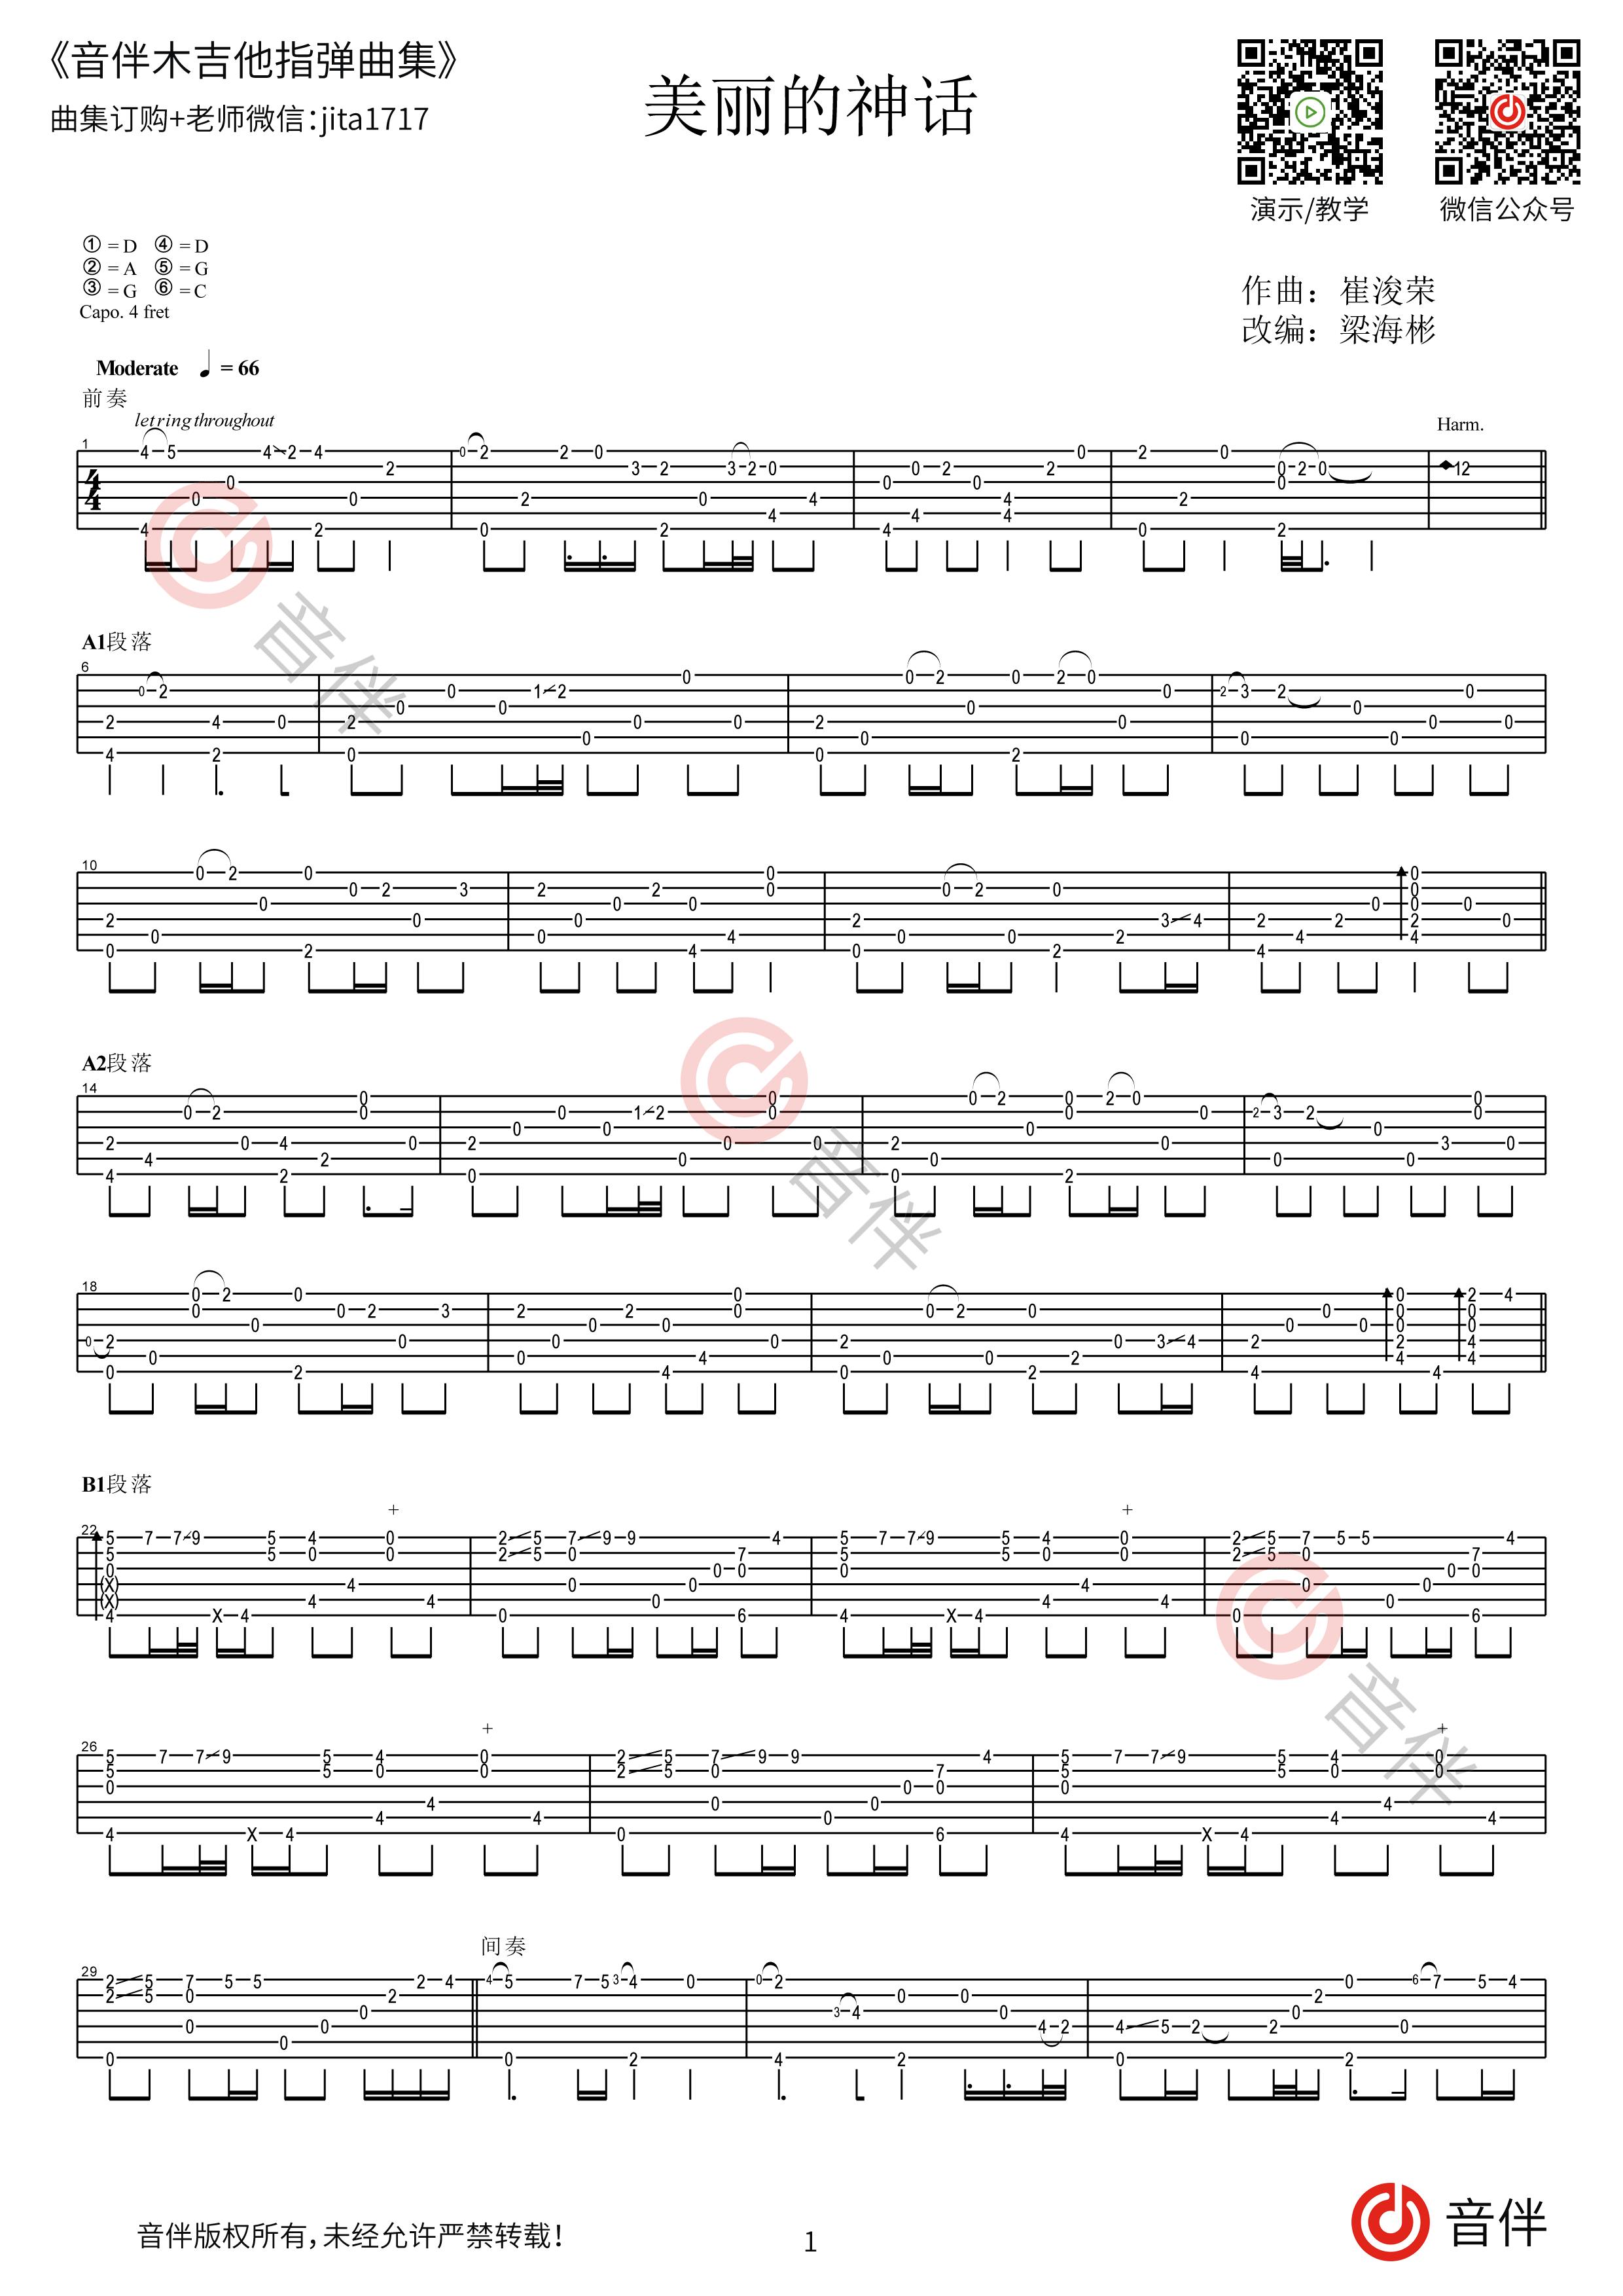 美丽的神话 无尽的爱指弹吉他谱1